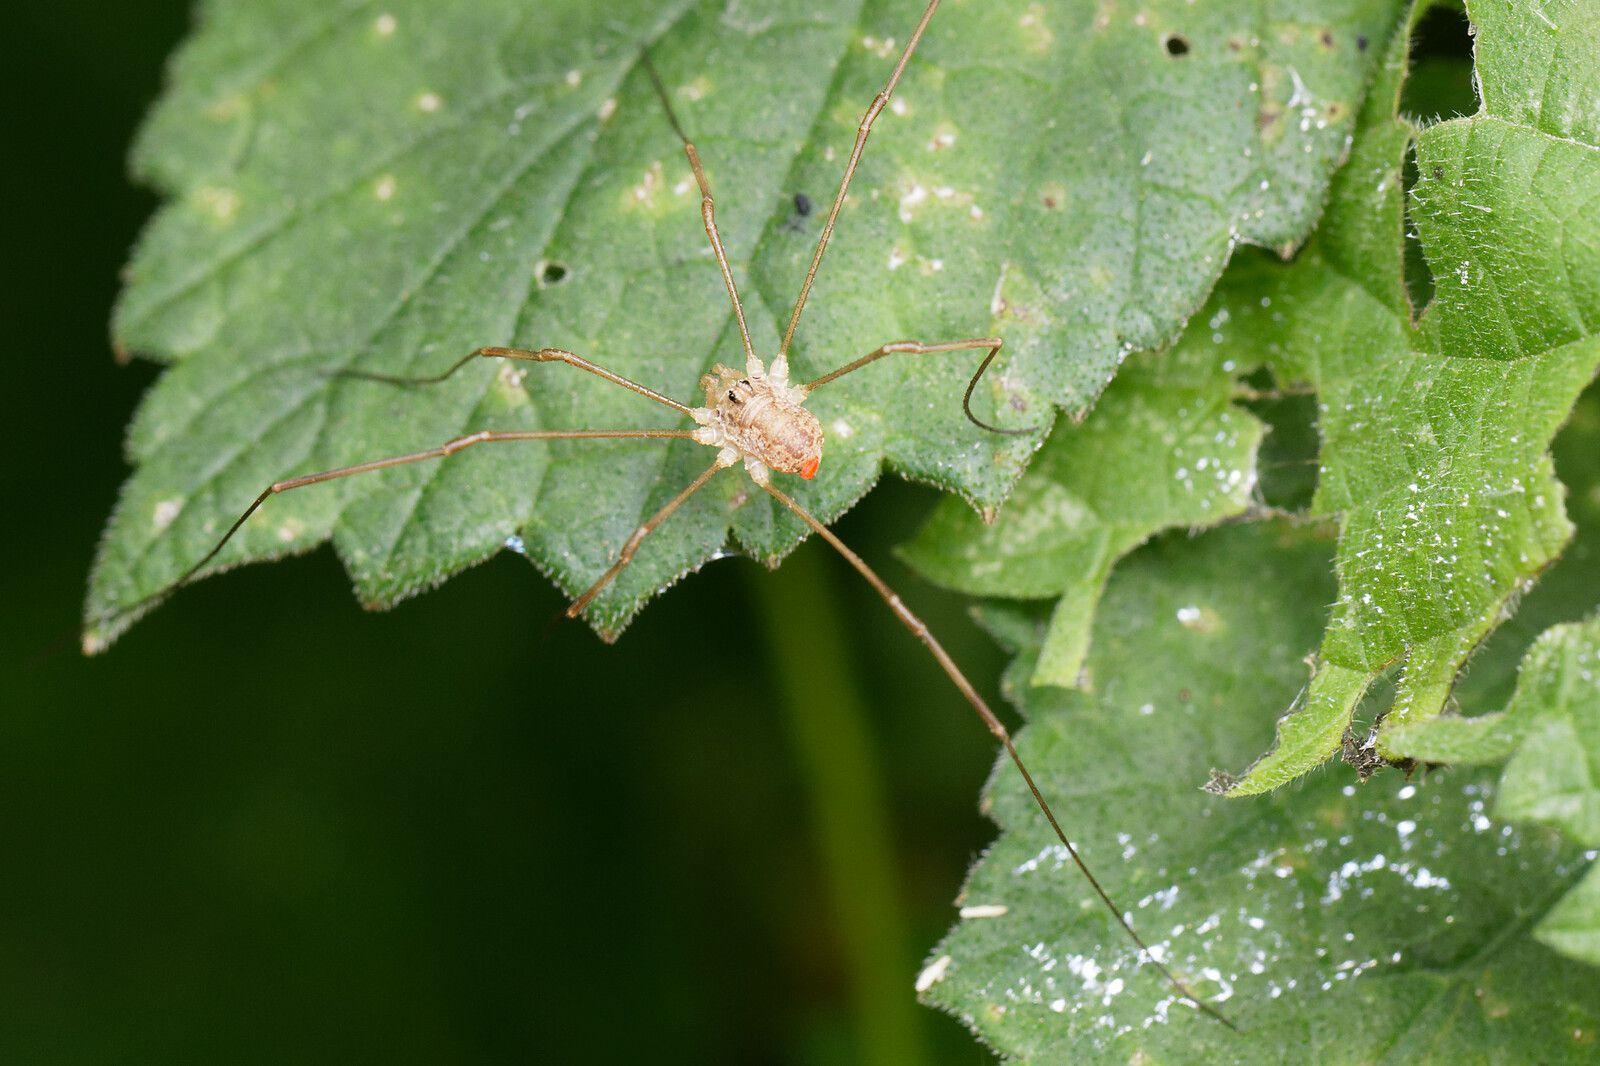 Opilion indéterminé (Opiliones sp) avec une patte en moins